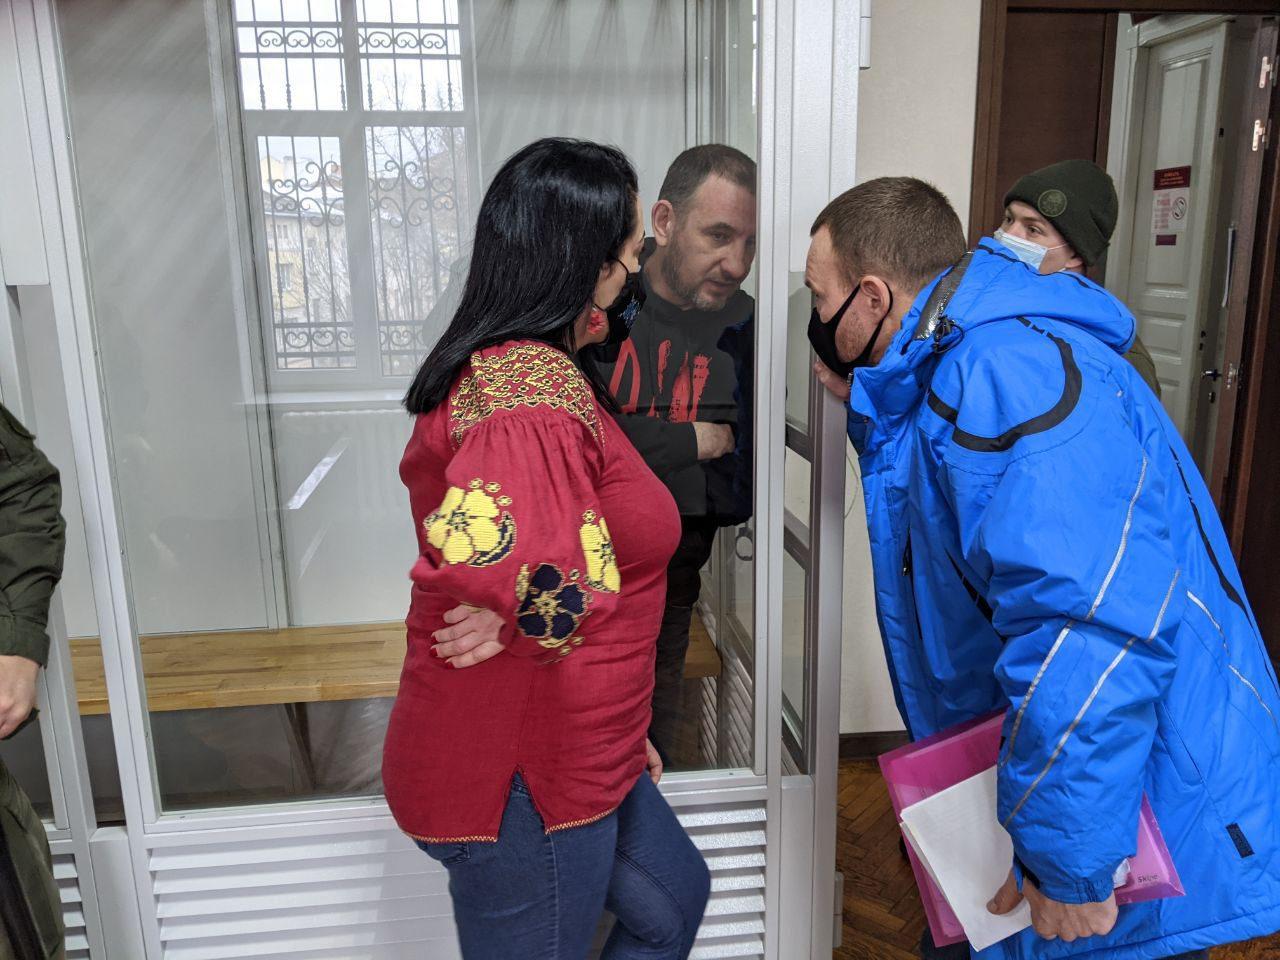 hryshchenko couple and lawyers - <b>Безславні підривники.</b> Історія двох підозрюваних у справі Шеремета — і цілої кримінальної системи. Частина 1 - Заборона